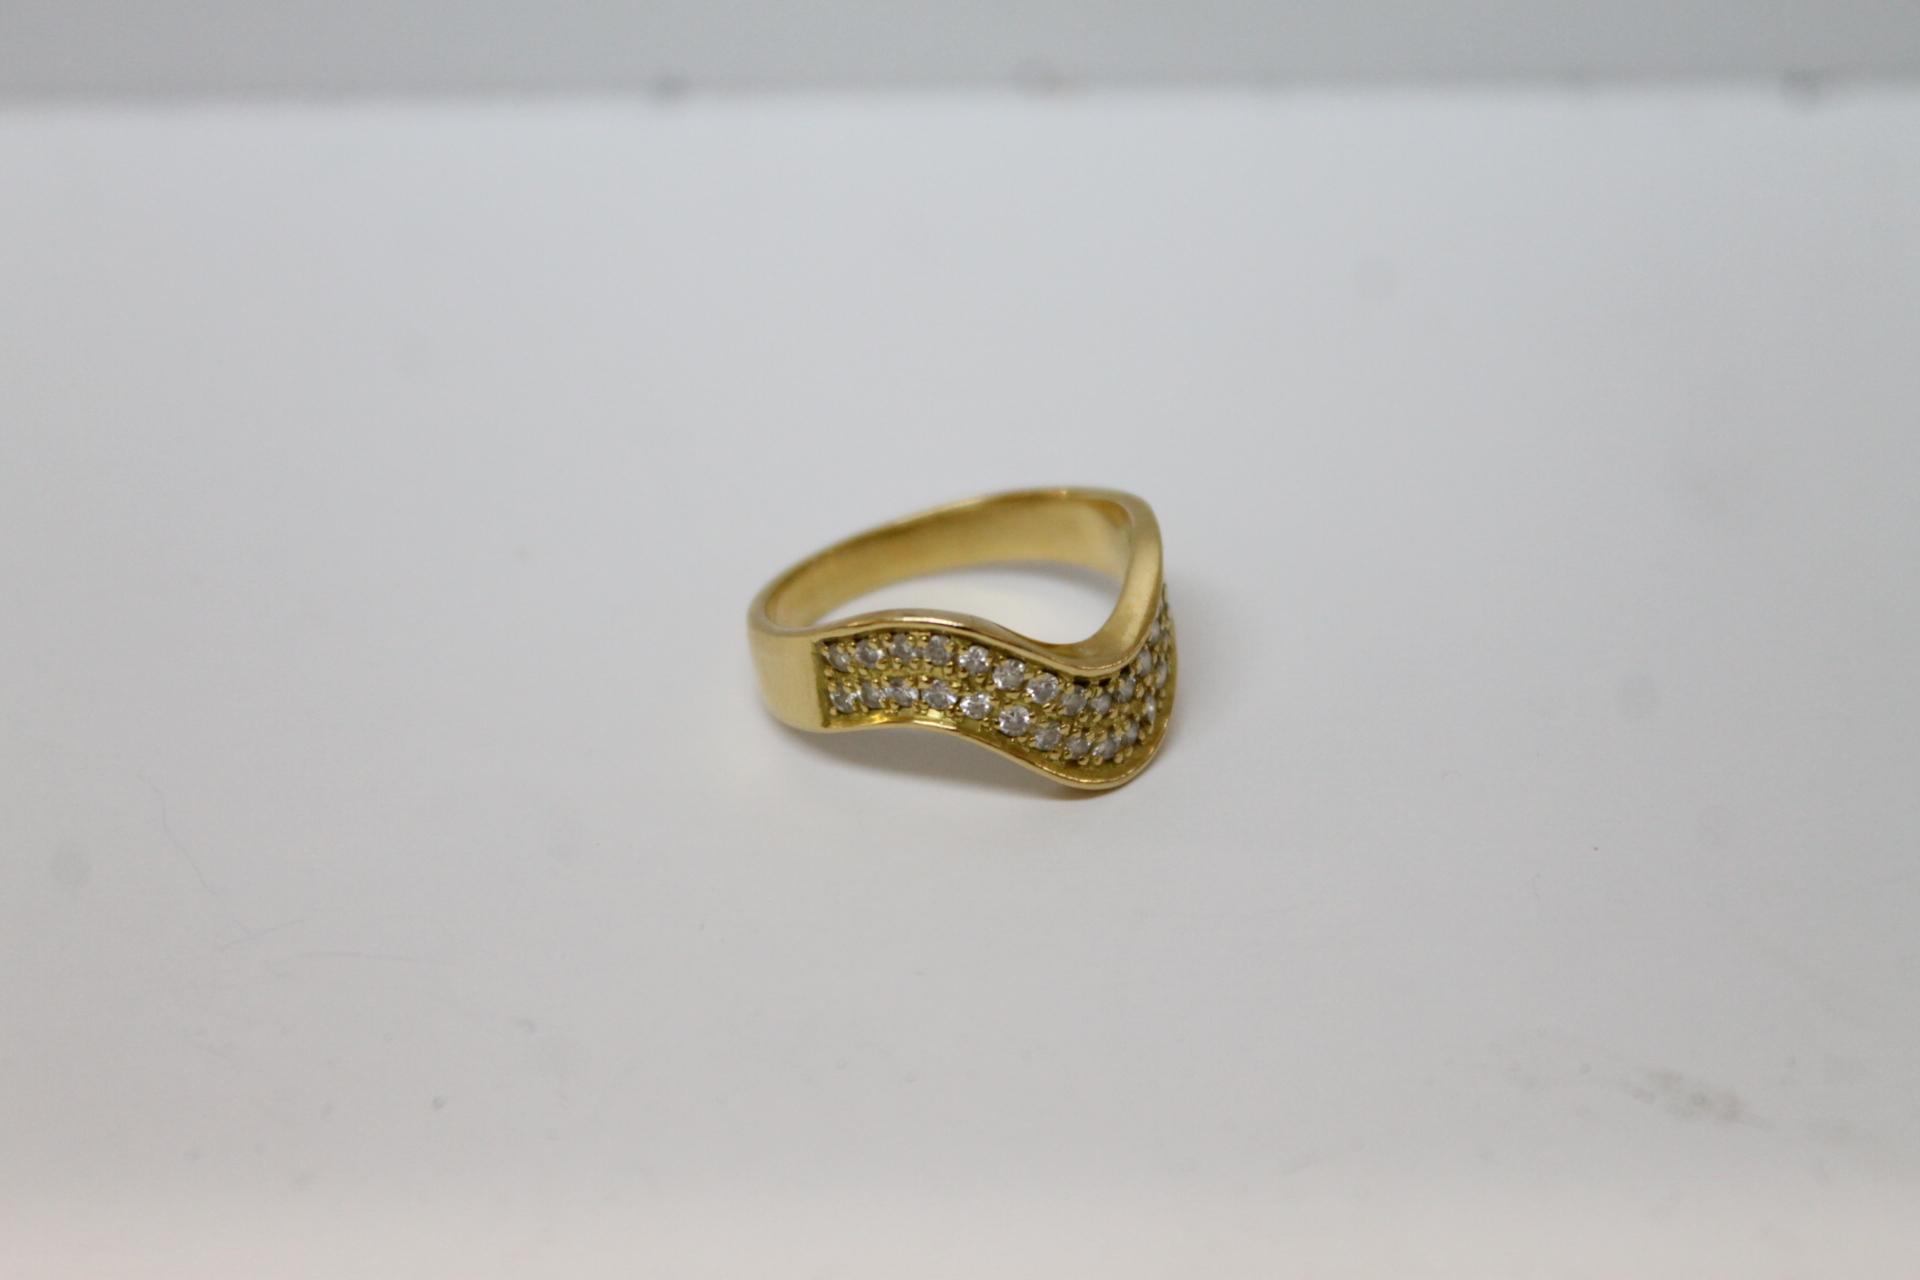 【K18 リング デザインリング ダイヤ 0.41 3.2g サイズ11号 】を買取させて頂きました!の買取-